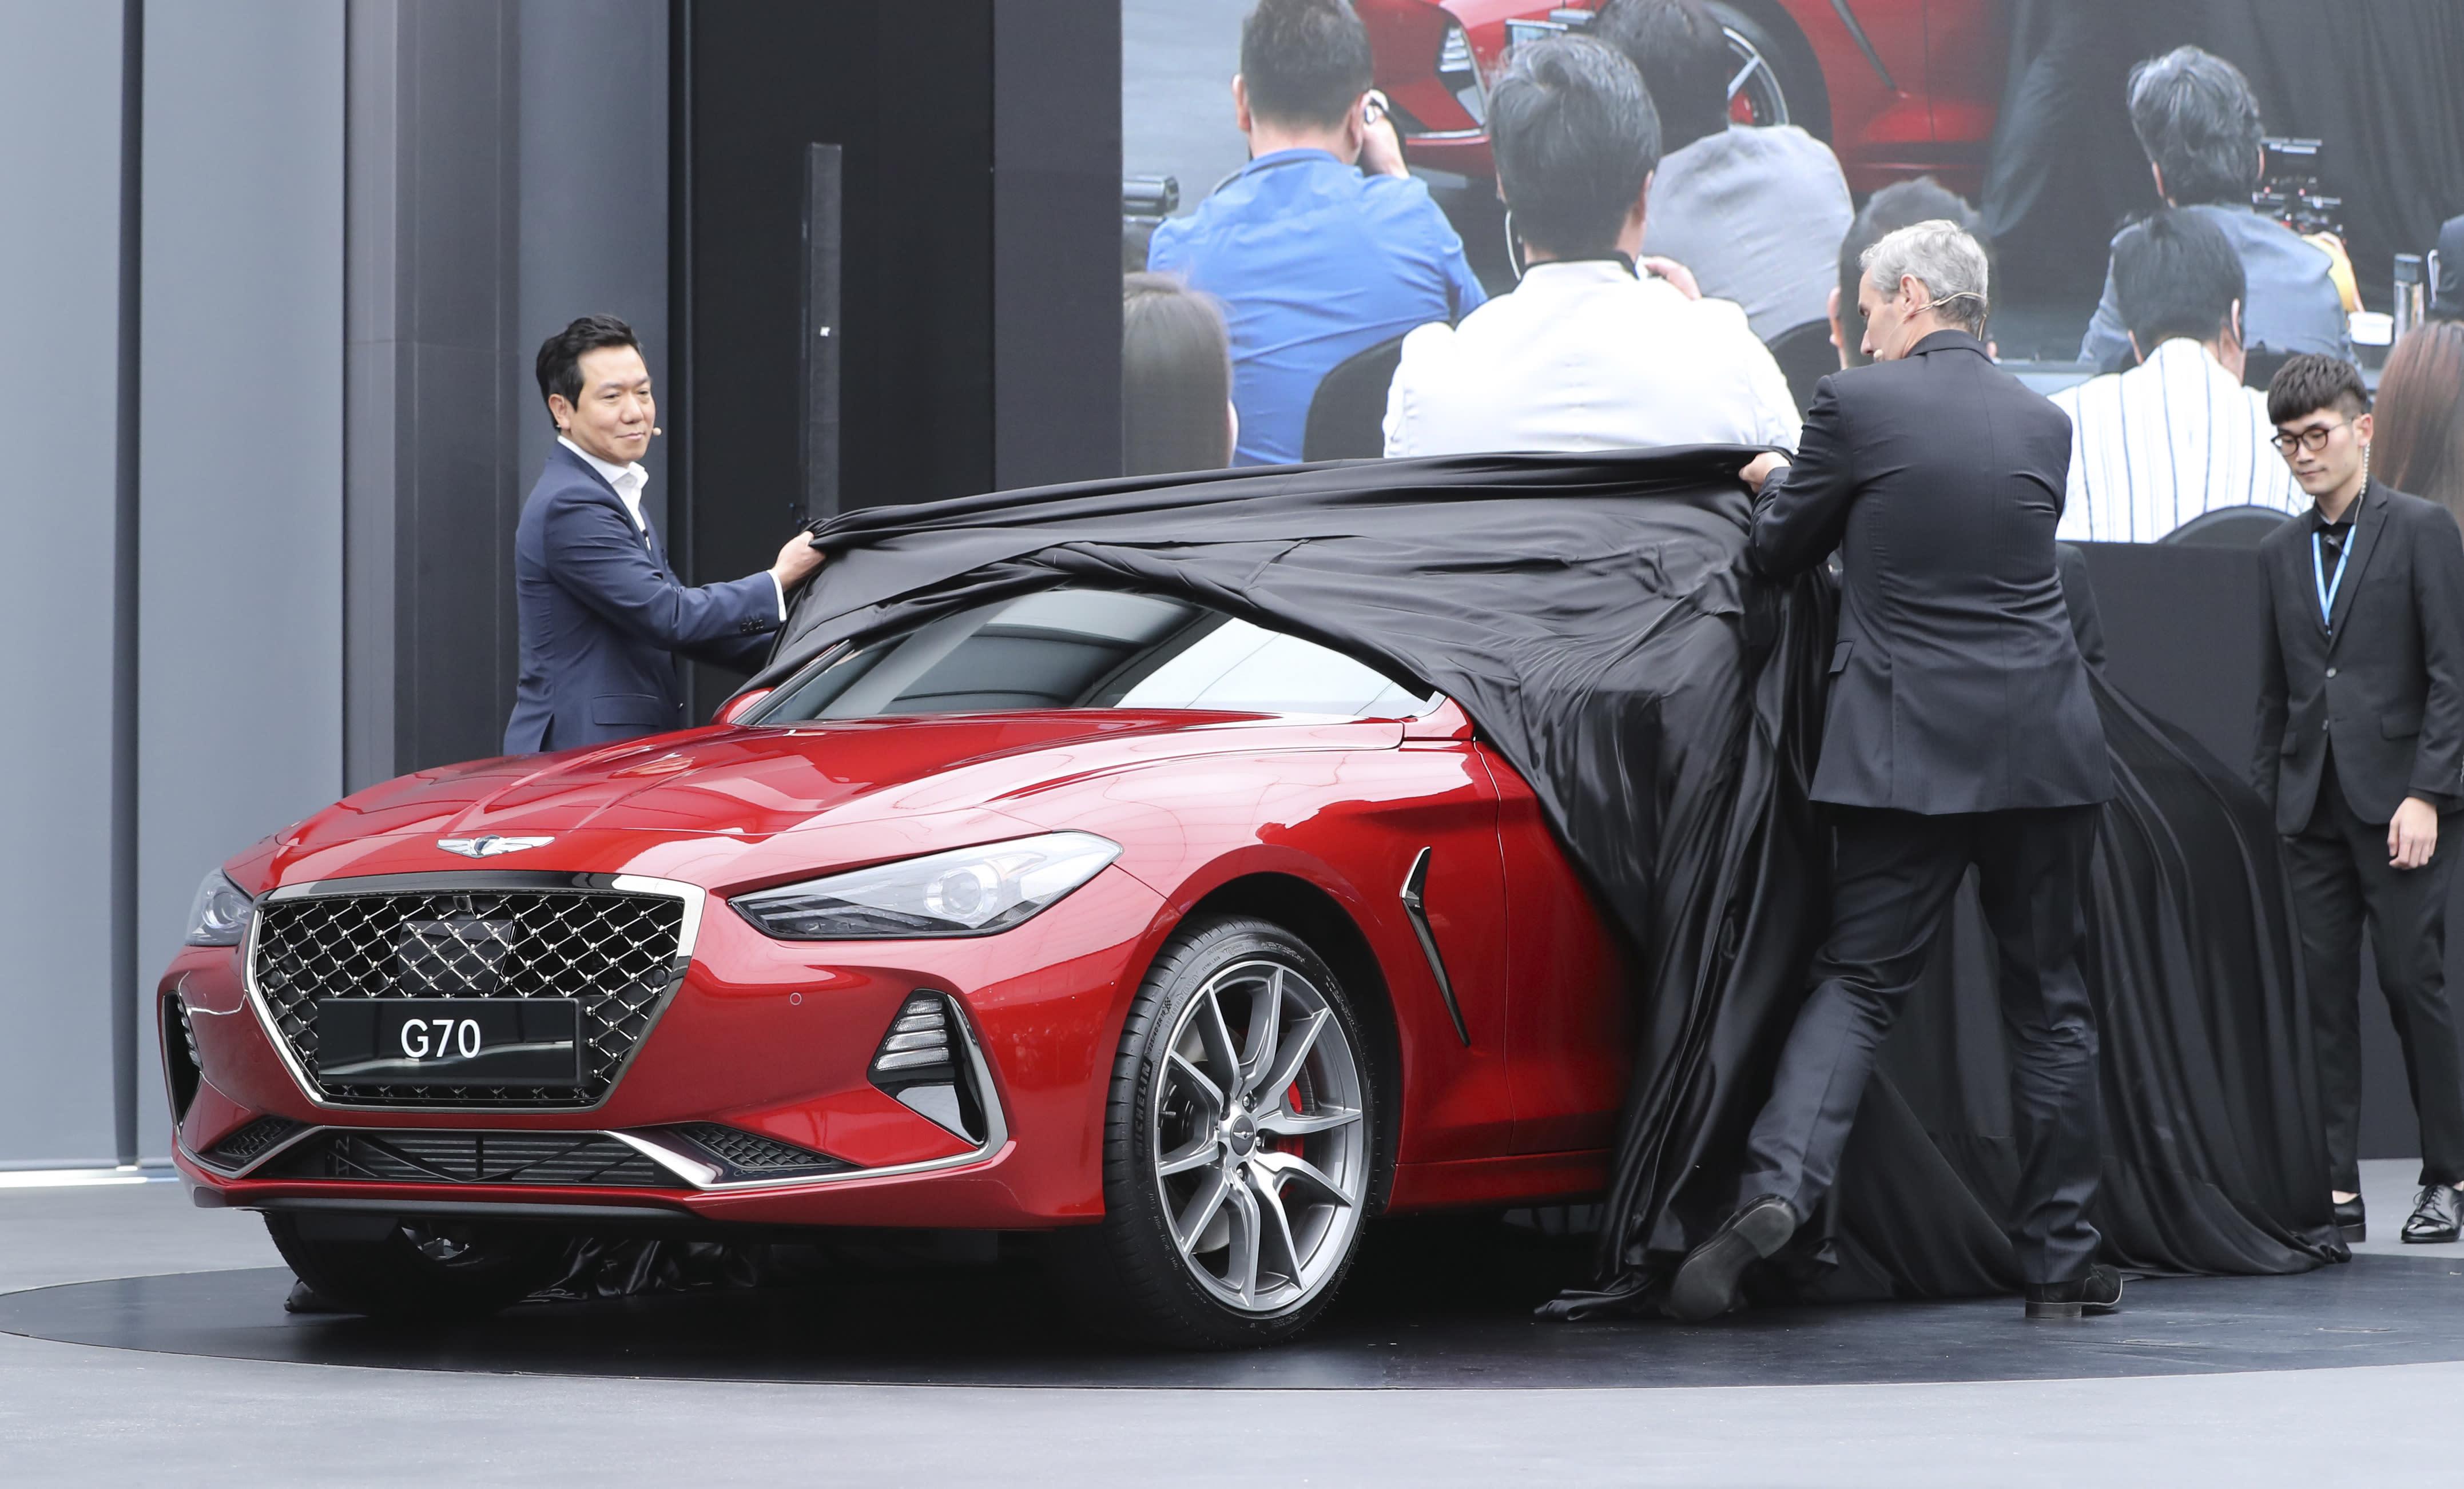 Hyundai motor company yahoo finance - Hyundai Motor Company Yahoo Finance 9